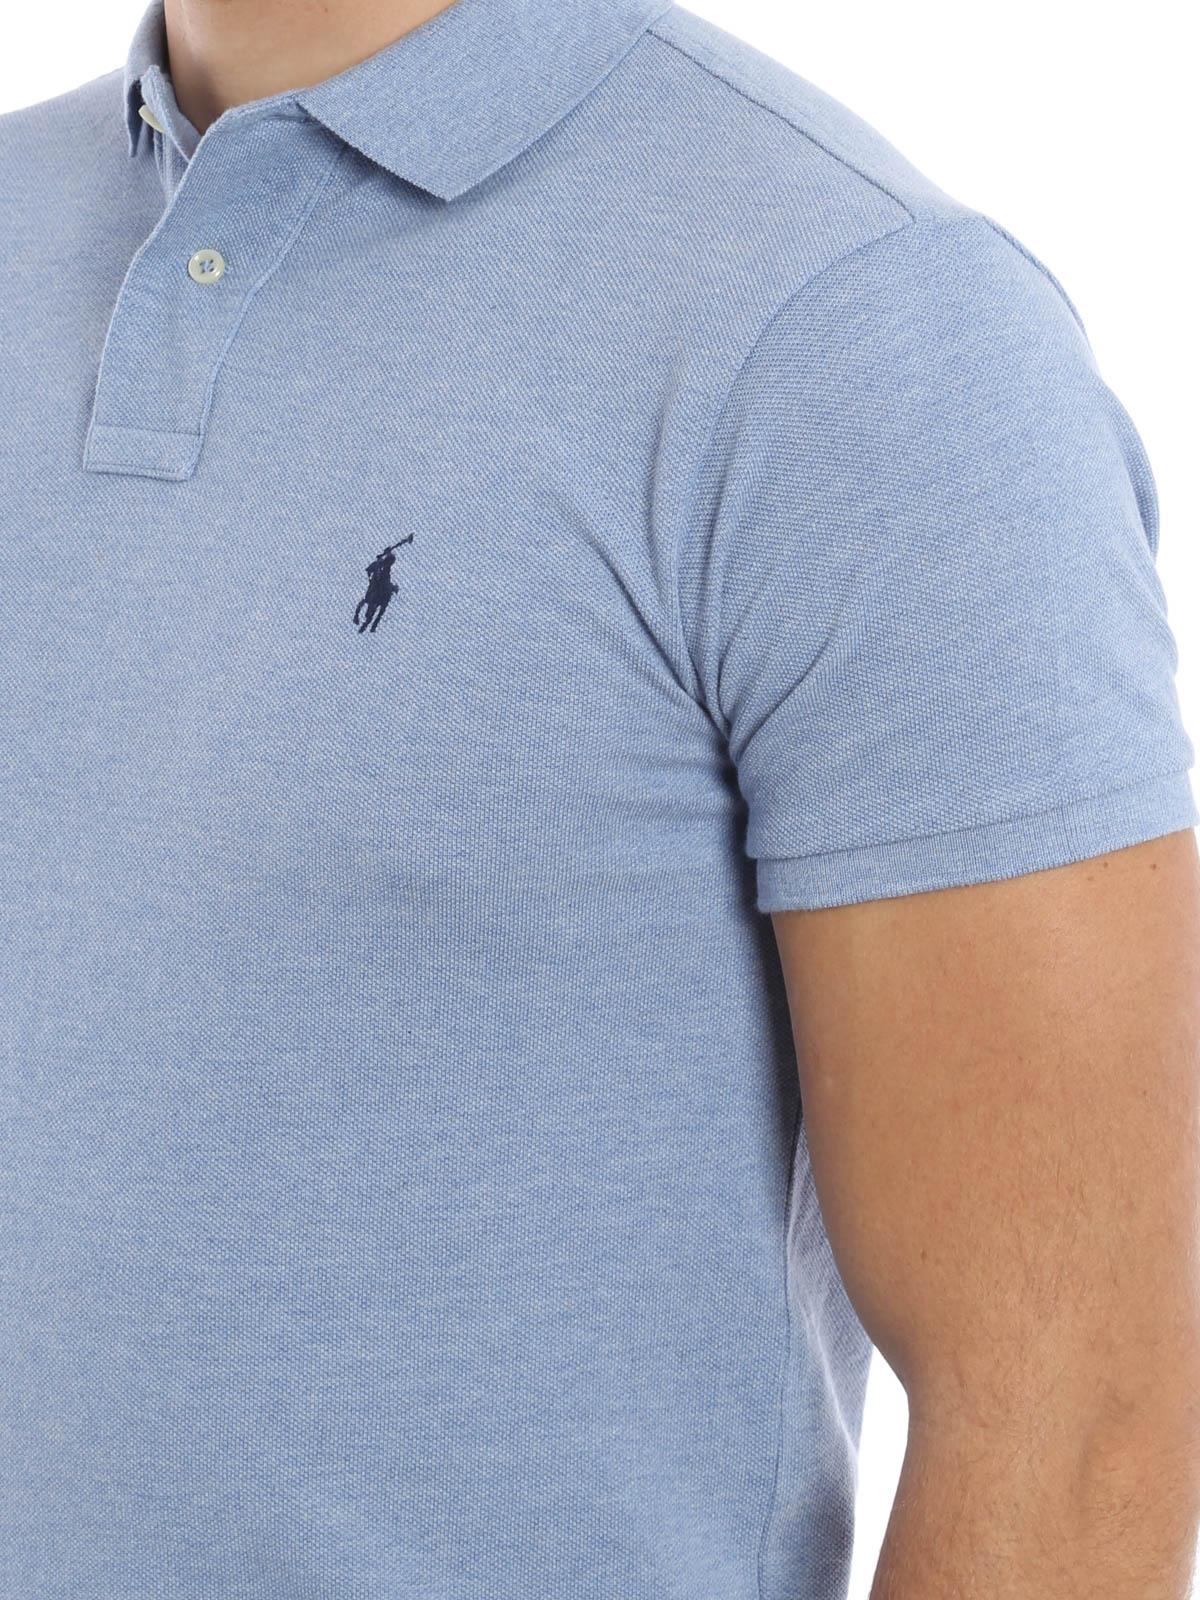 brand new ed273 7a2a3 Polo Ralph Lauren - Poloshirt Fur Herren - Hellblau ...